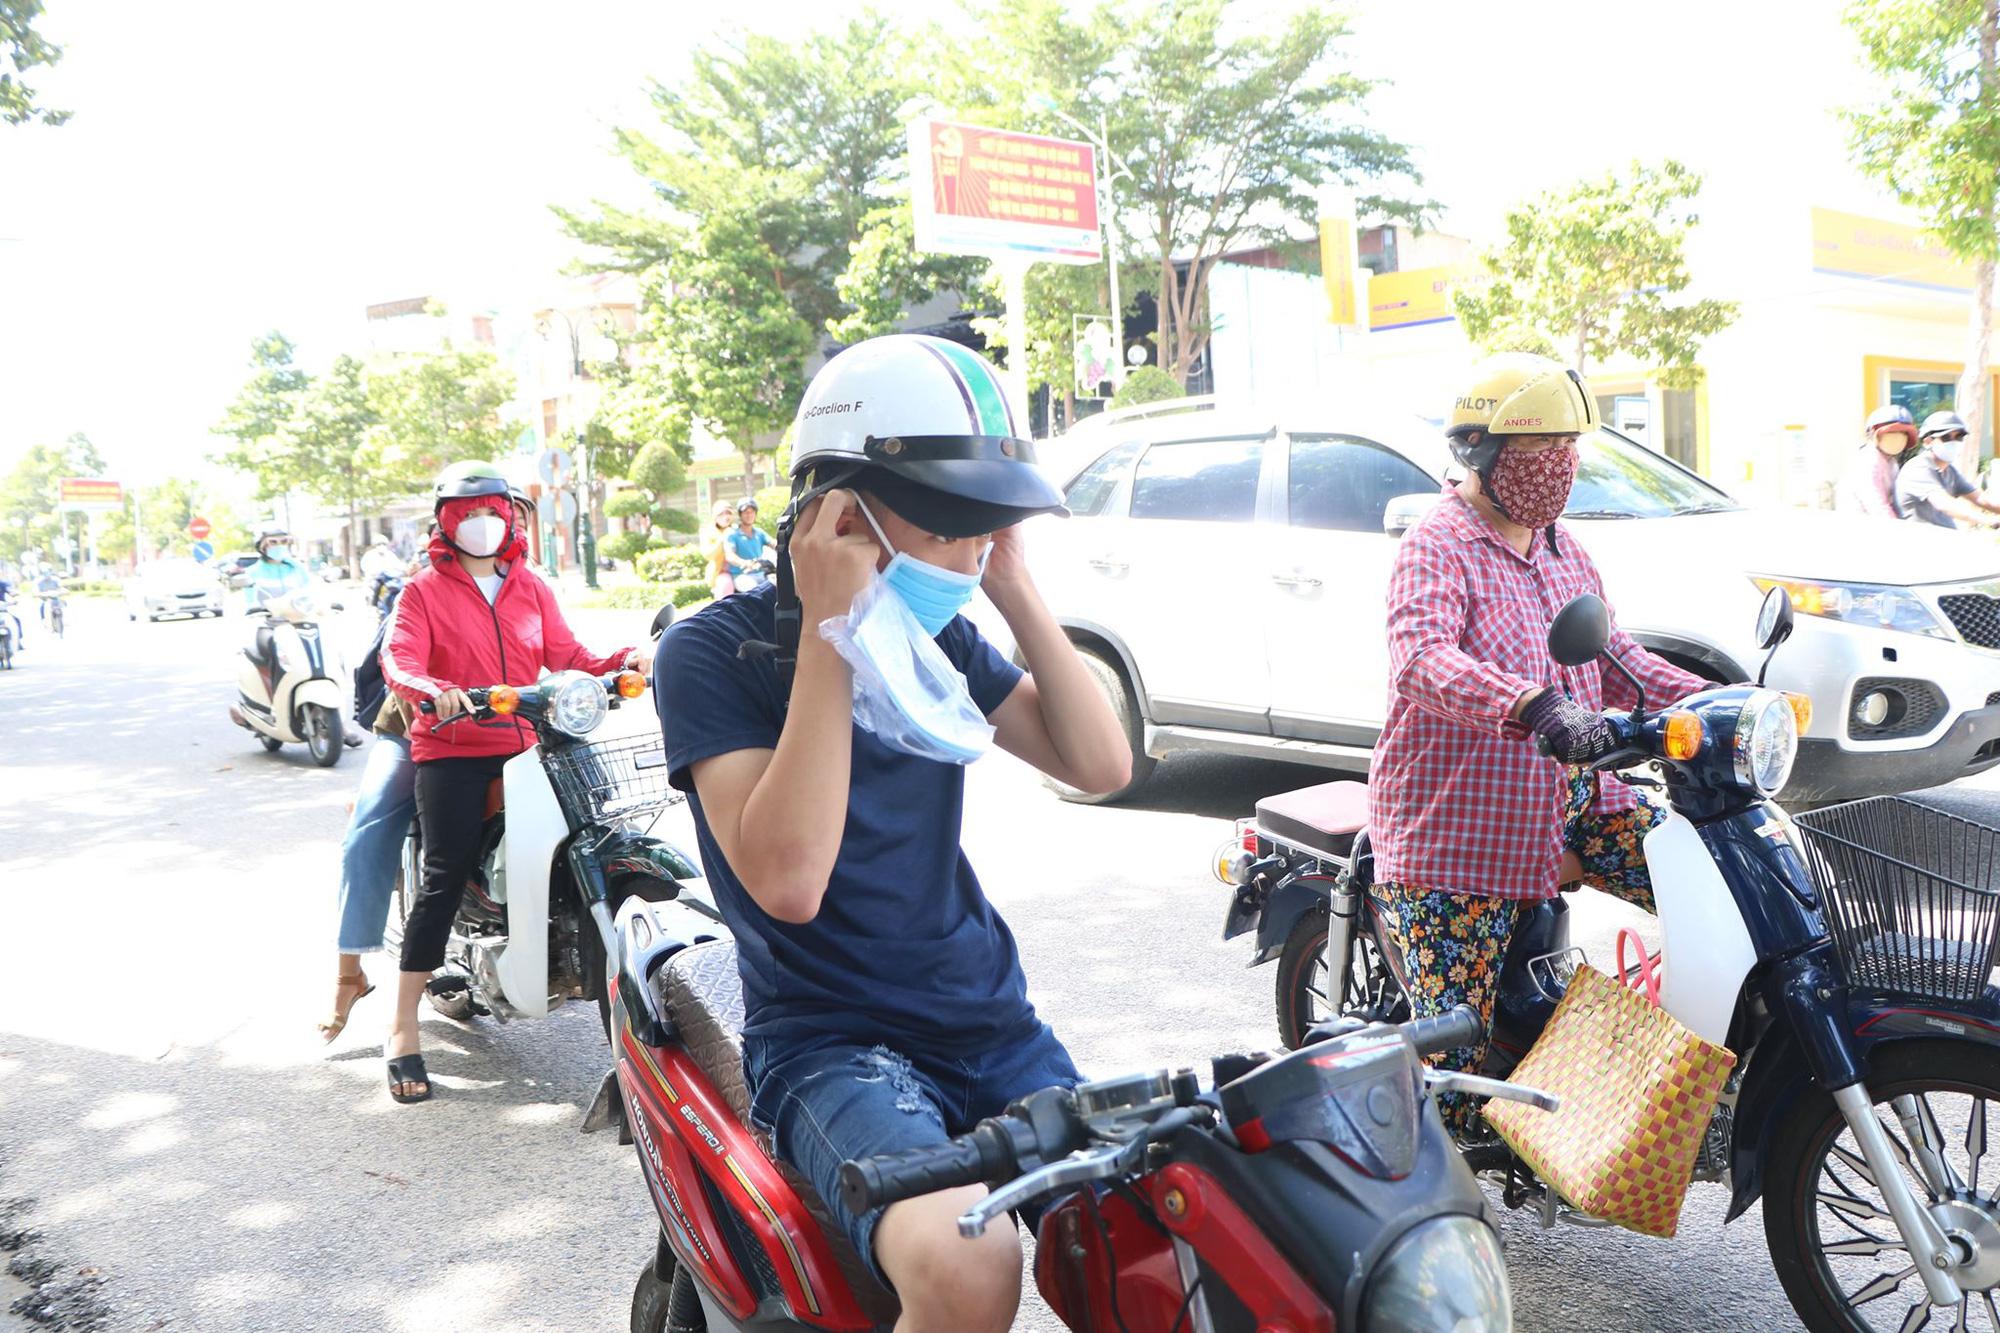 Ninh Thuận: Phát hàng trăm chiếc khẩu trang cho người dân đi đường - Ảnh 1.